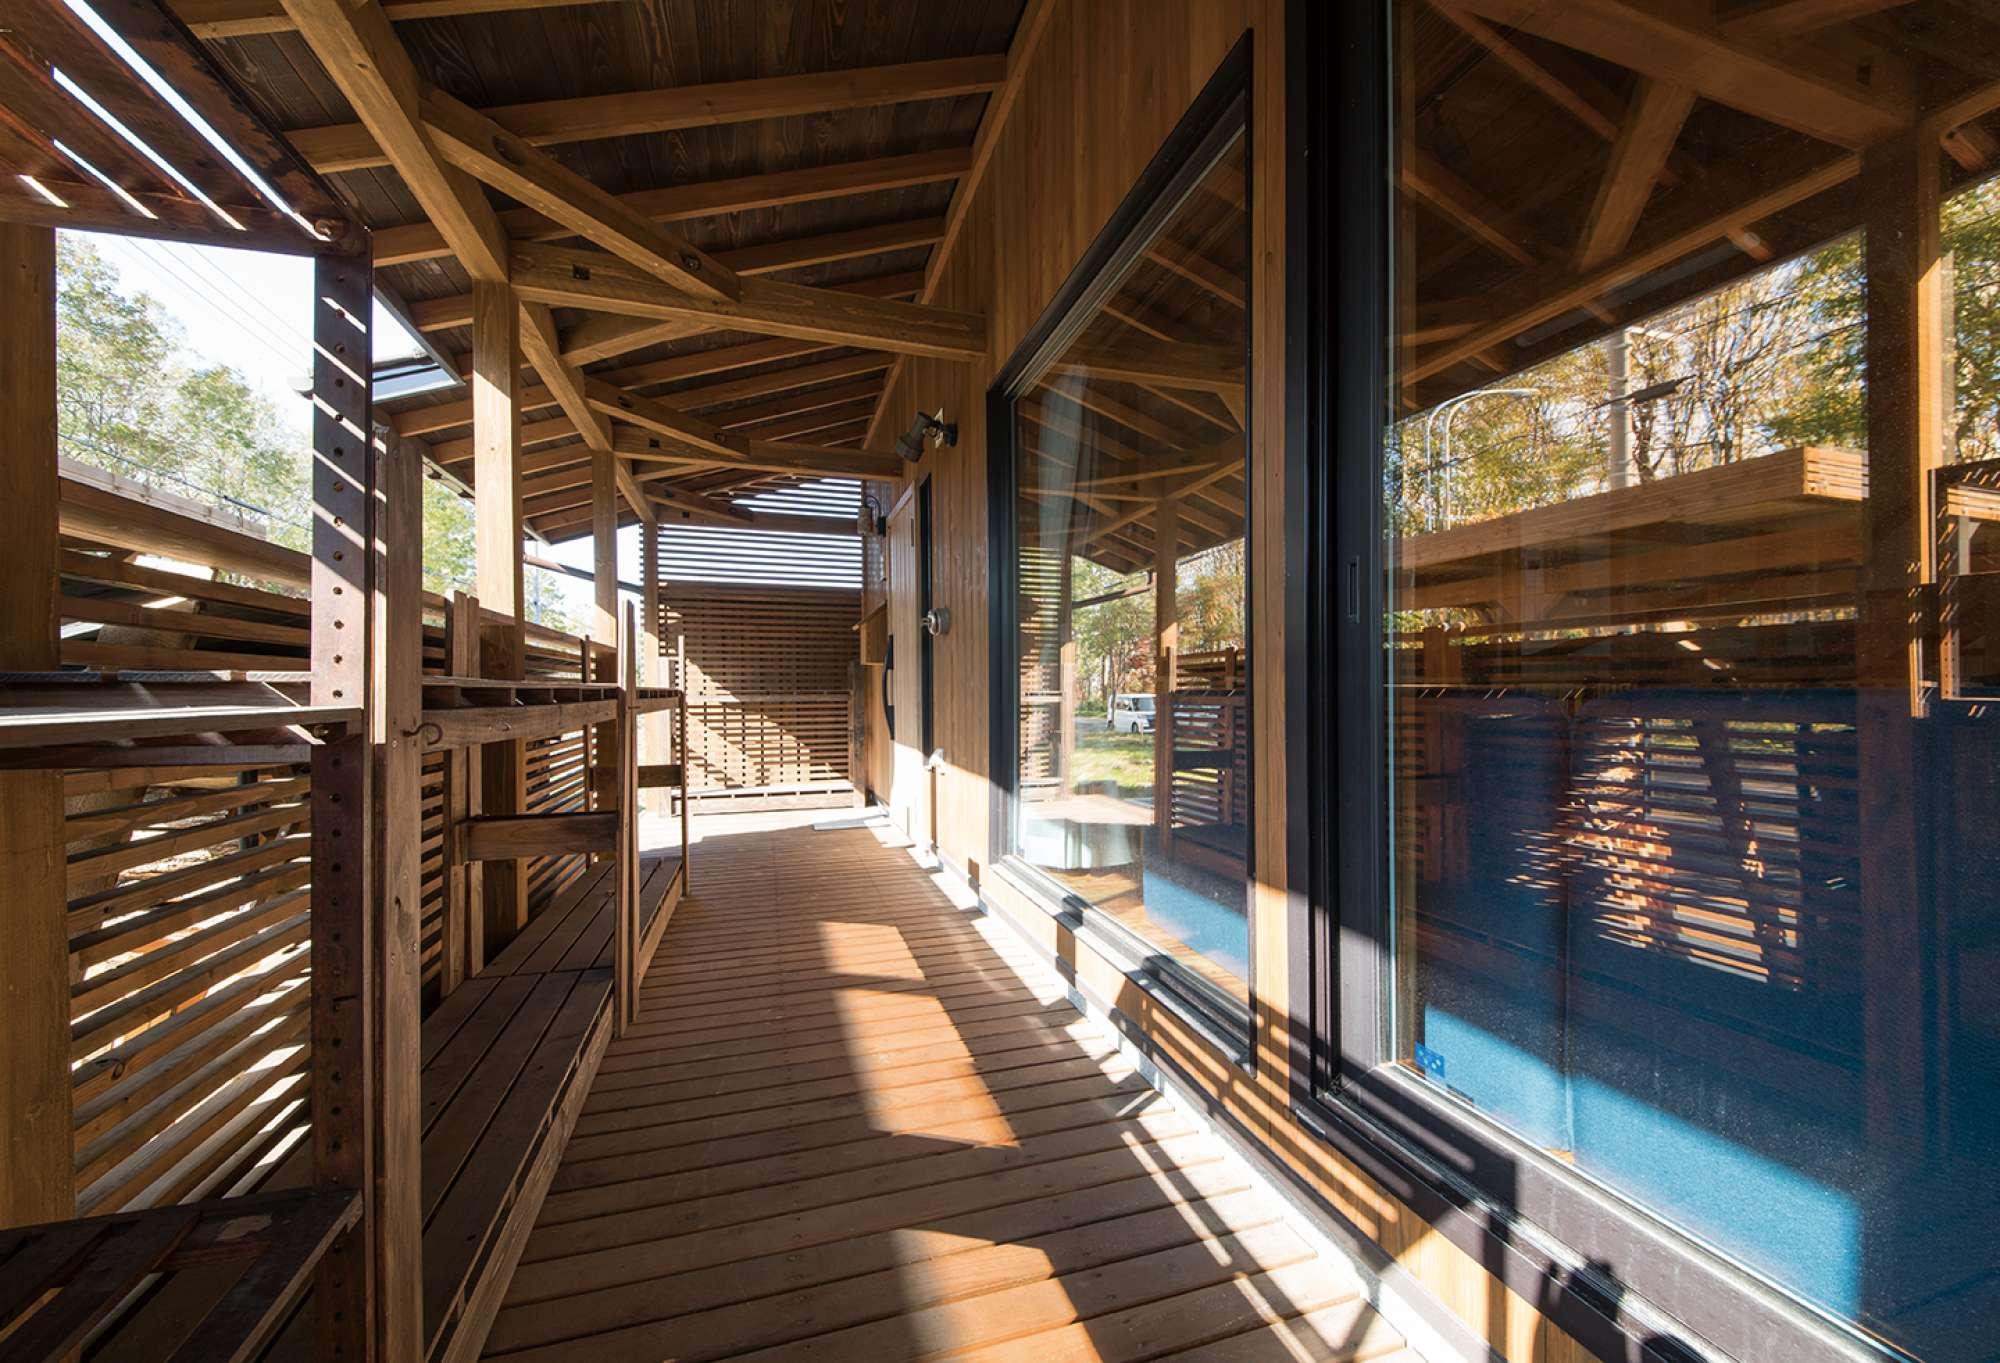 冬は薪を積み、夏はBBQを楽しむ屋根付きウッドデッキの内部 -  -  -